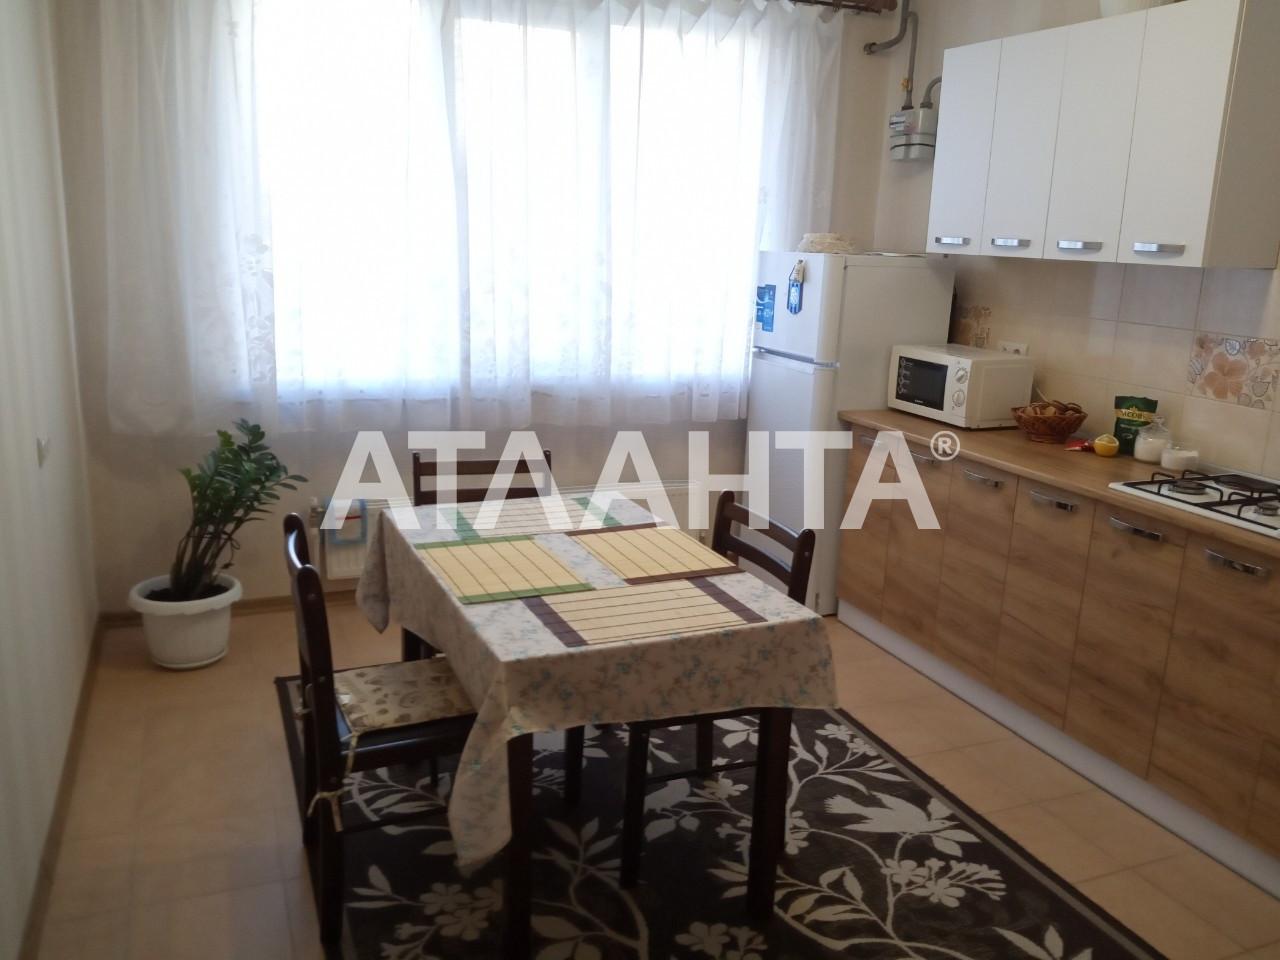 Продается 1-комнатная Квартира на ул. Марсельская — 37 000 у.е. (фото №4)